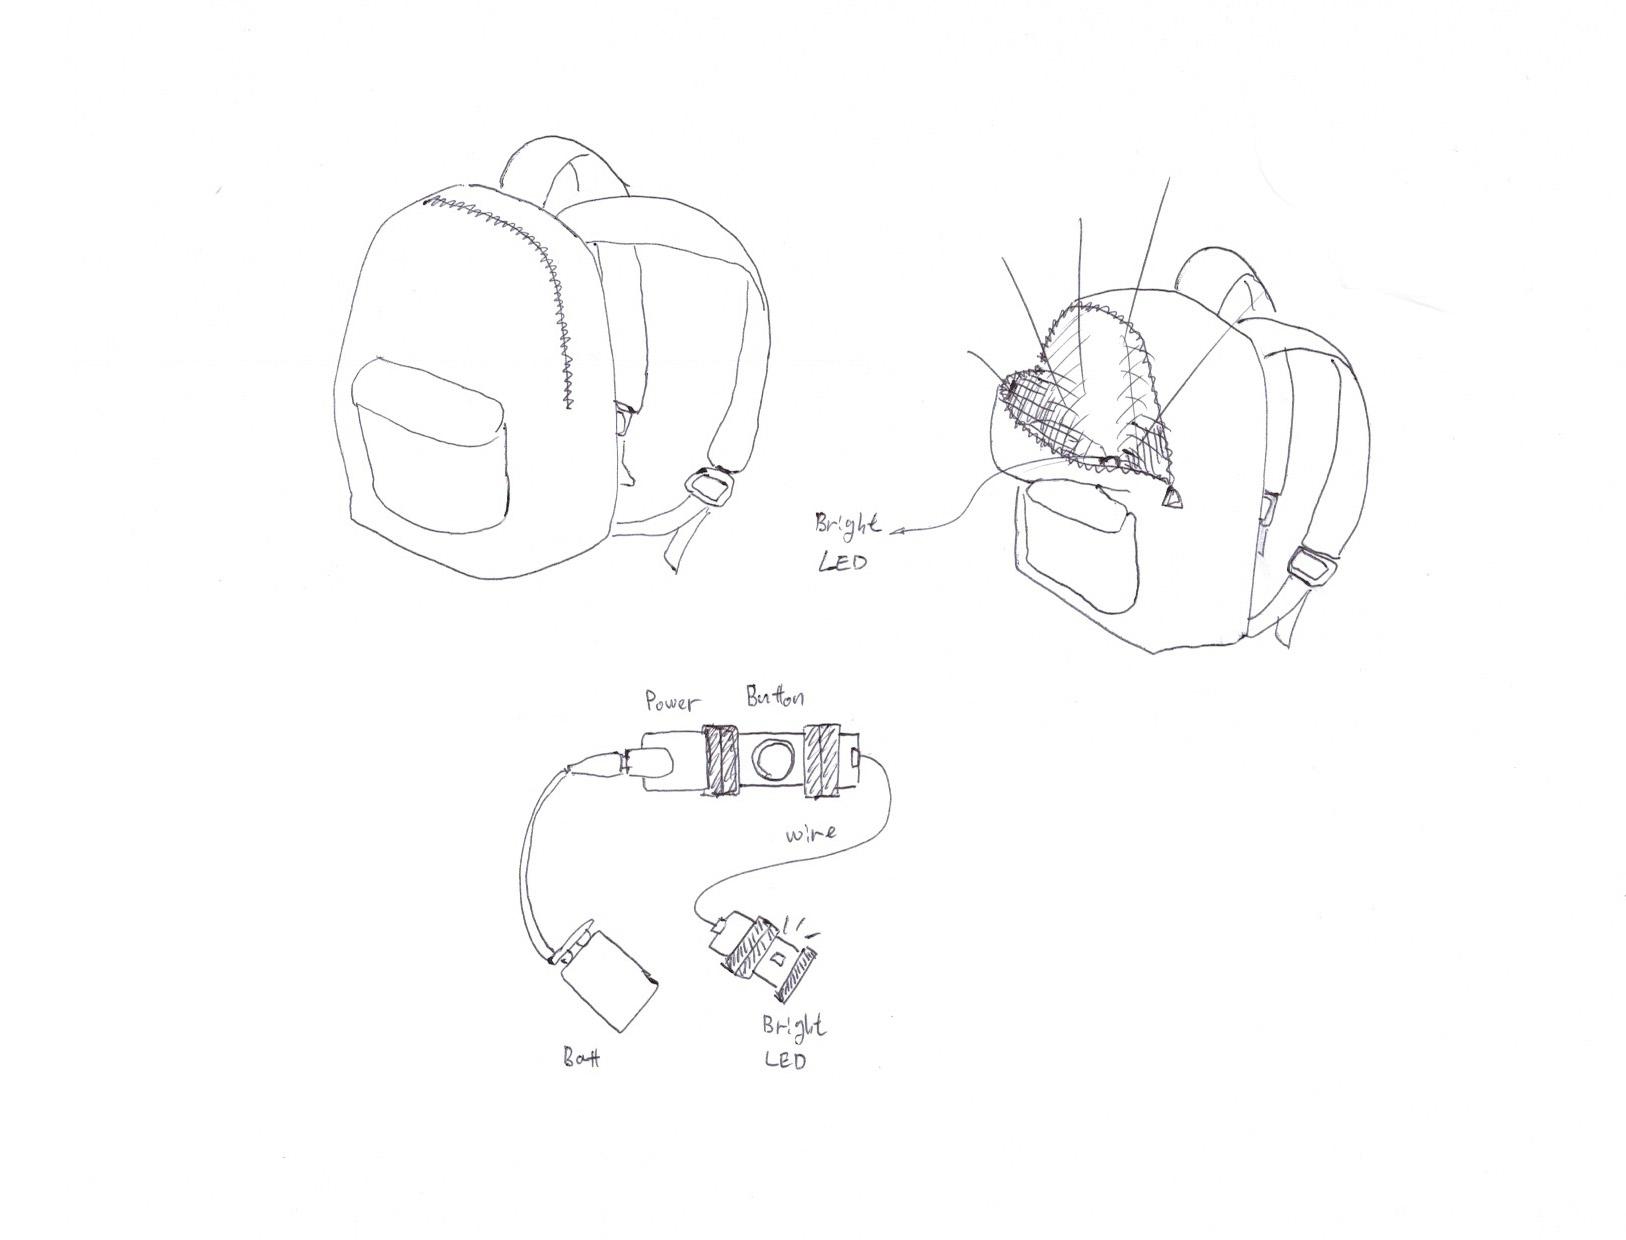 Back pack light sketch